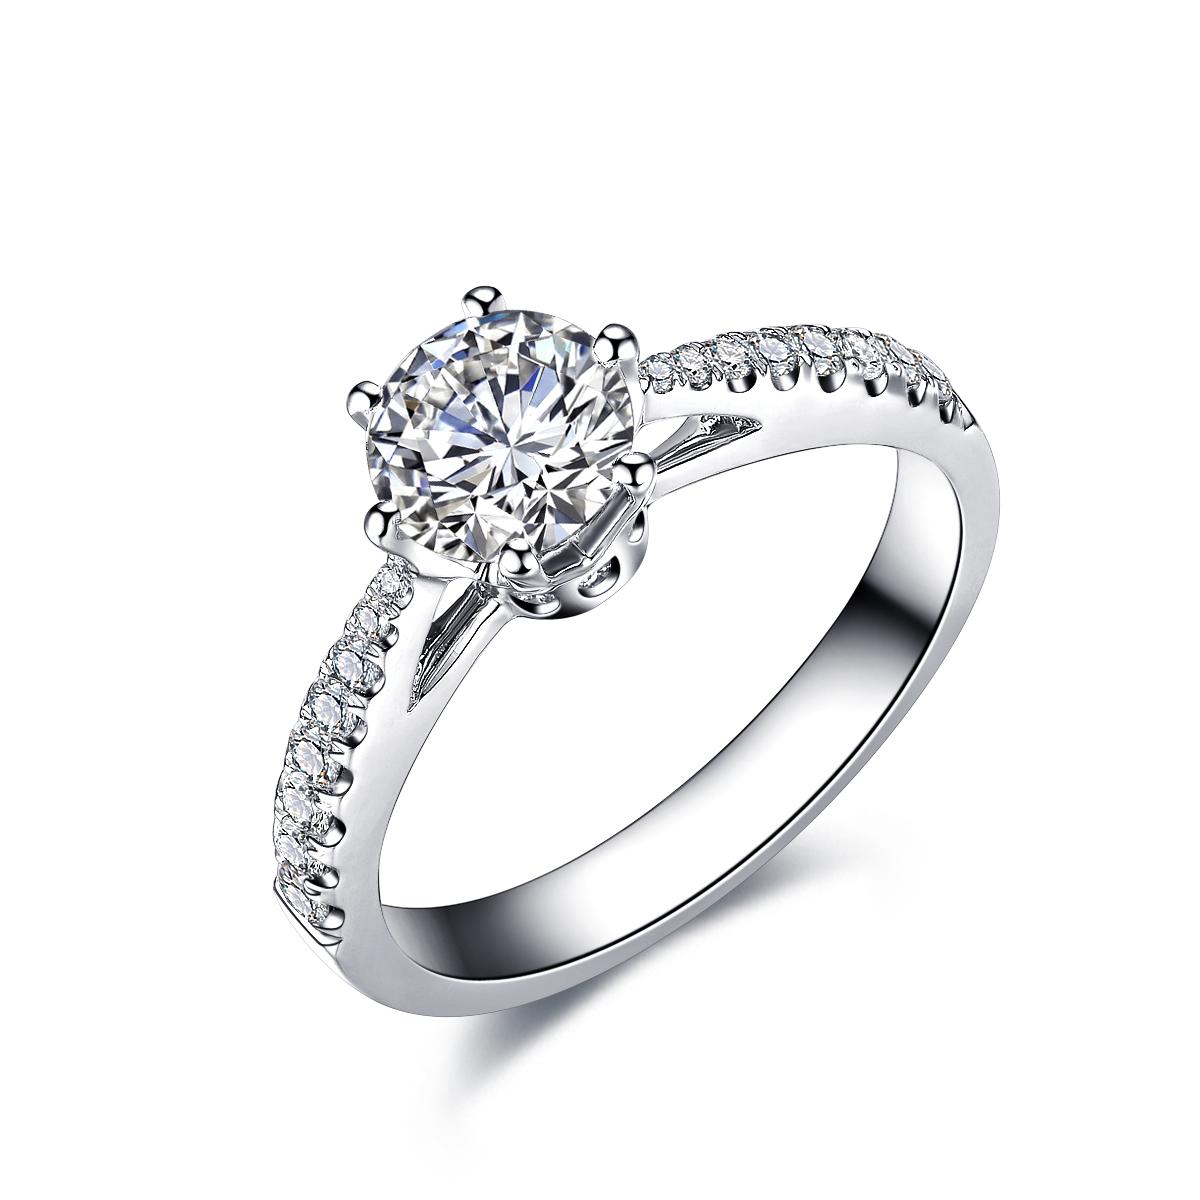 卡地亚18k金戒指,戒指,佐卡伊戒指